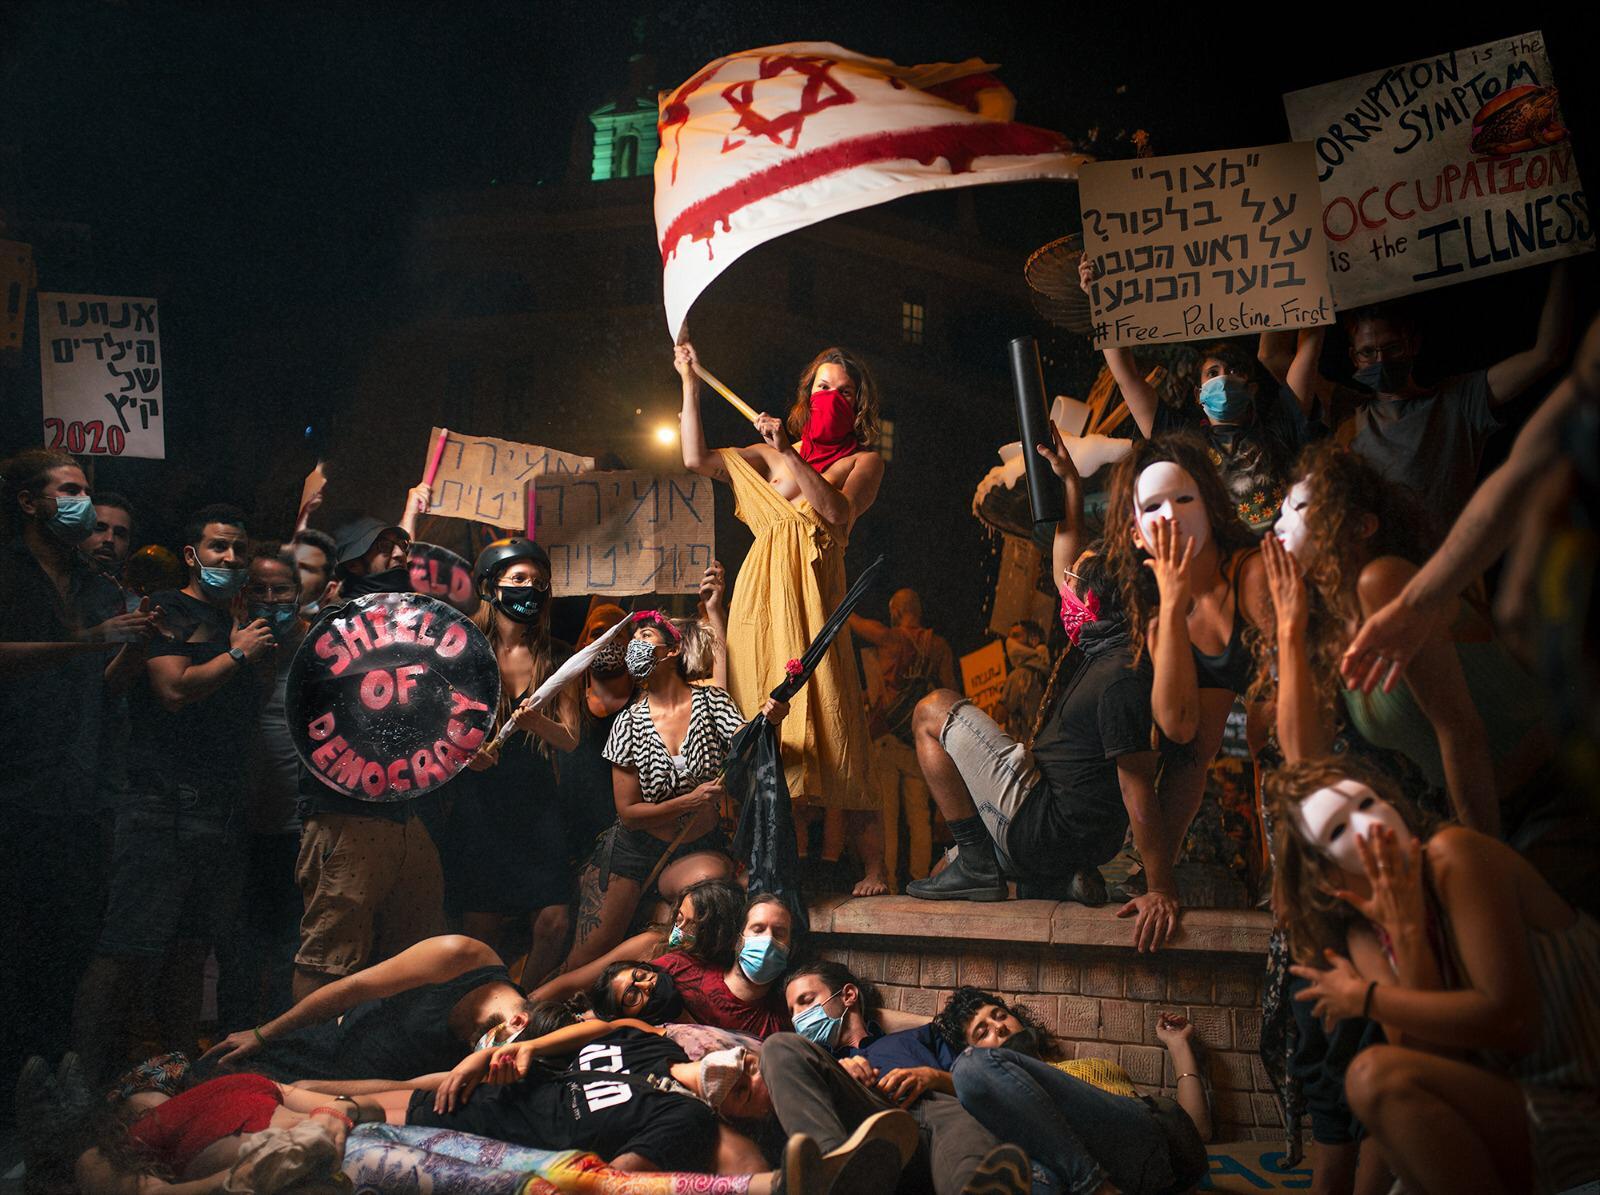 מיצג בהפגנה בכיכר פריז, ליד בלפור, מחווה לציור של דלקרואה על העלייה לבסטיליה, יולי 2020 (צילום: שרון אברהם)